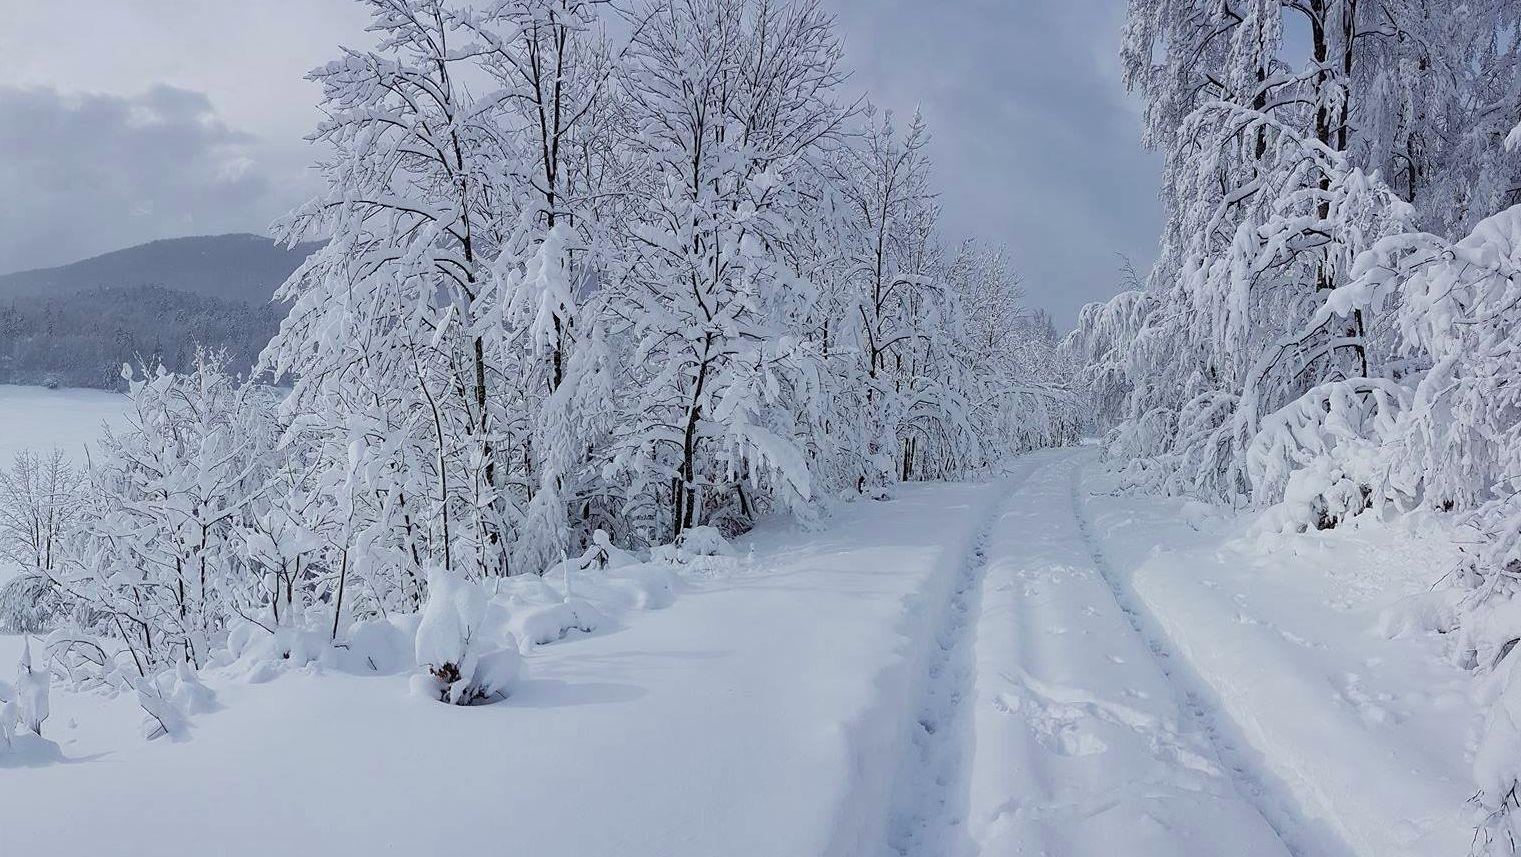 Snow on Platak (photo credit: Mauro Kesovija / Istramet)